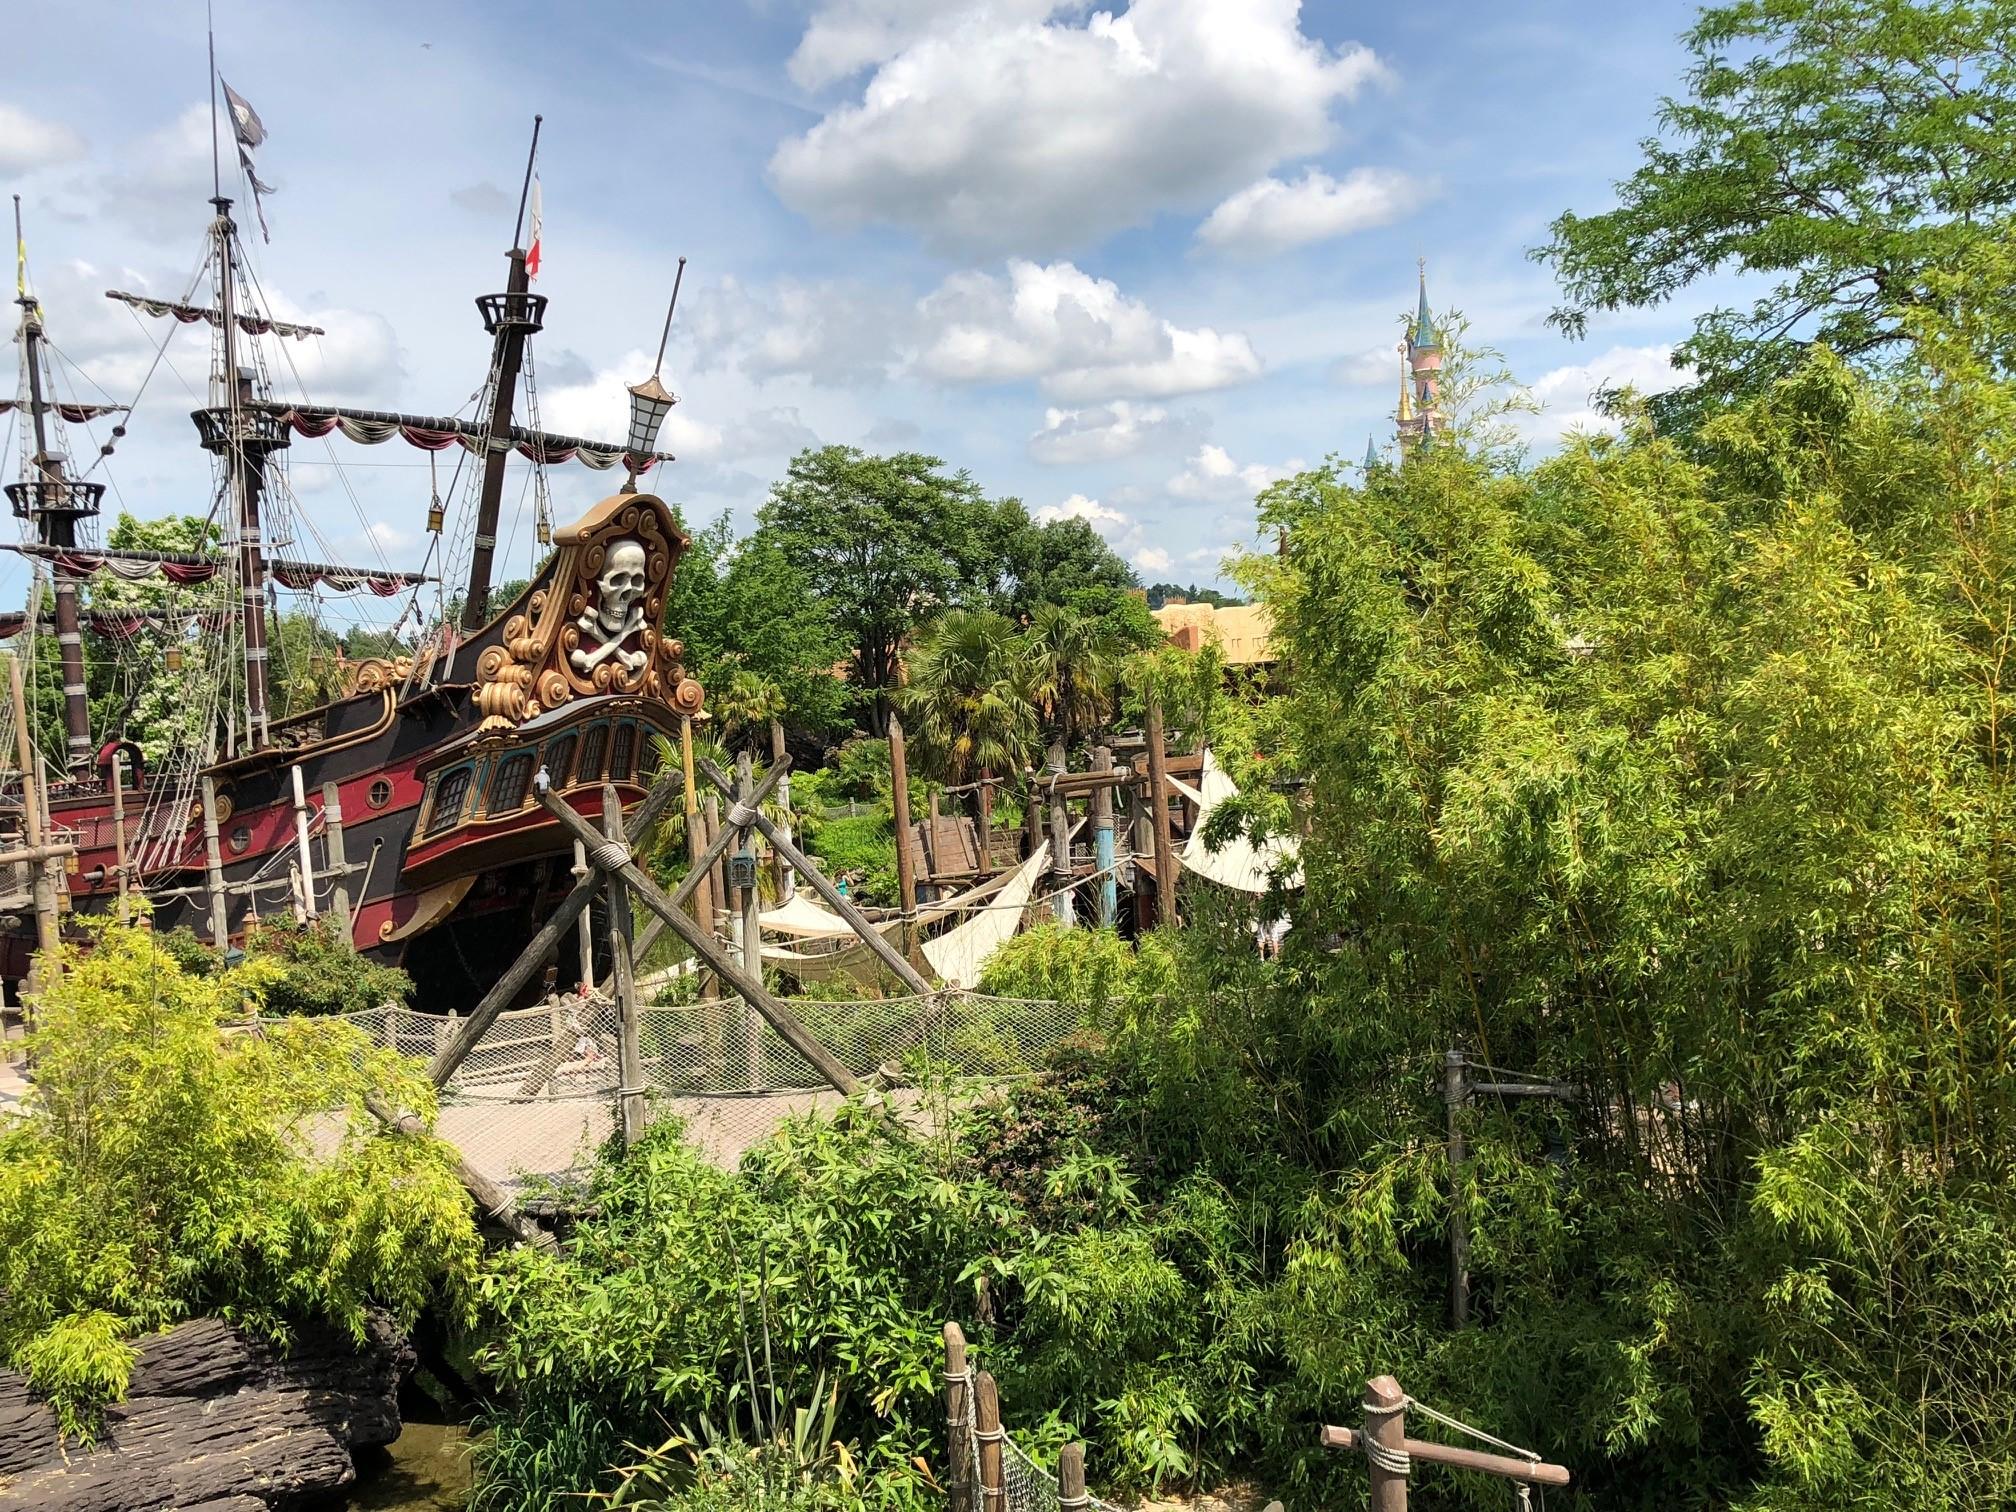 Summer in Adventureland at DIsneyland Paris